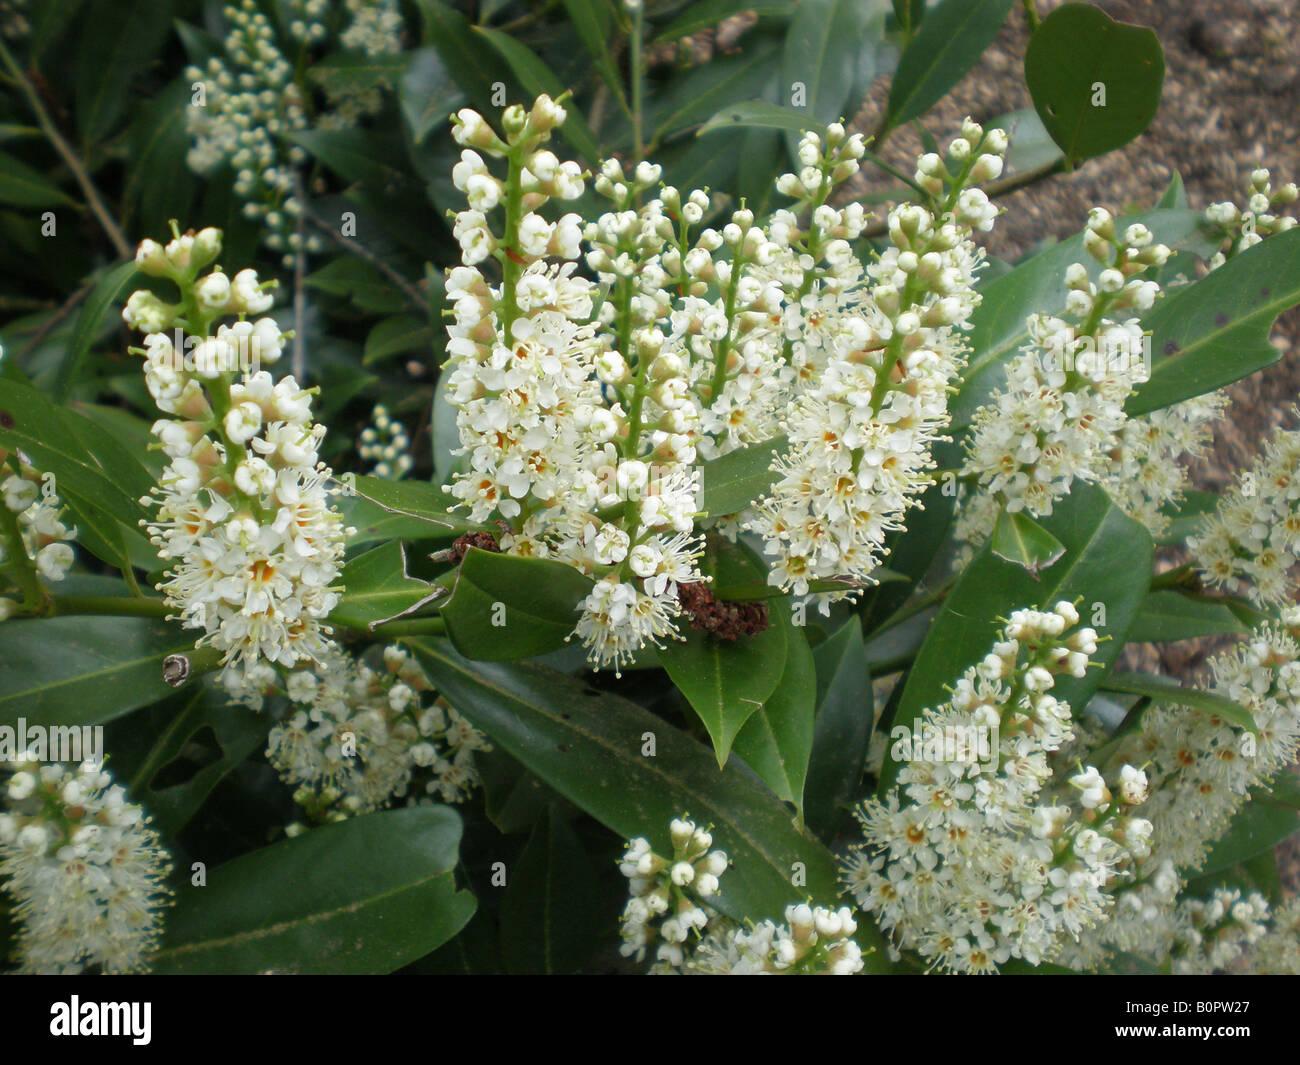 English Laurel Otto Lukyen (Prunus laurocerasus) - Stock Image